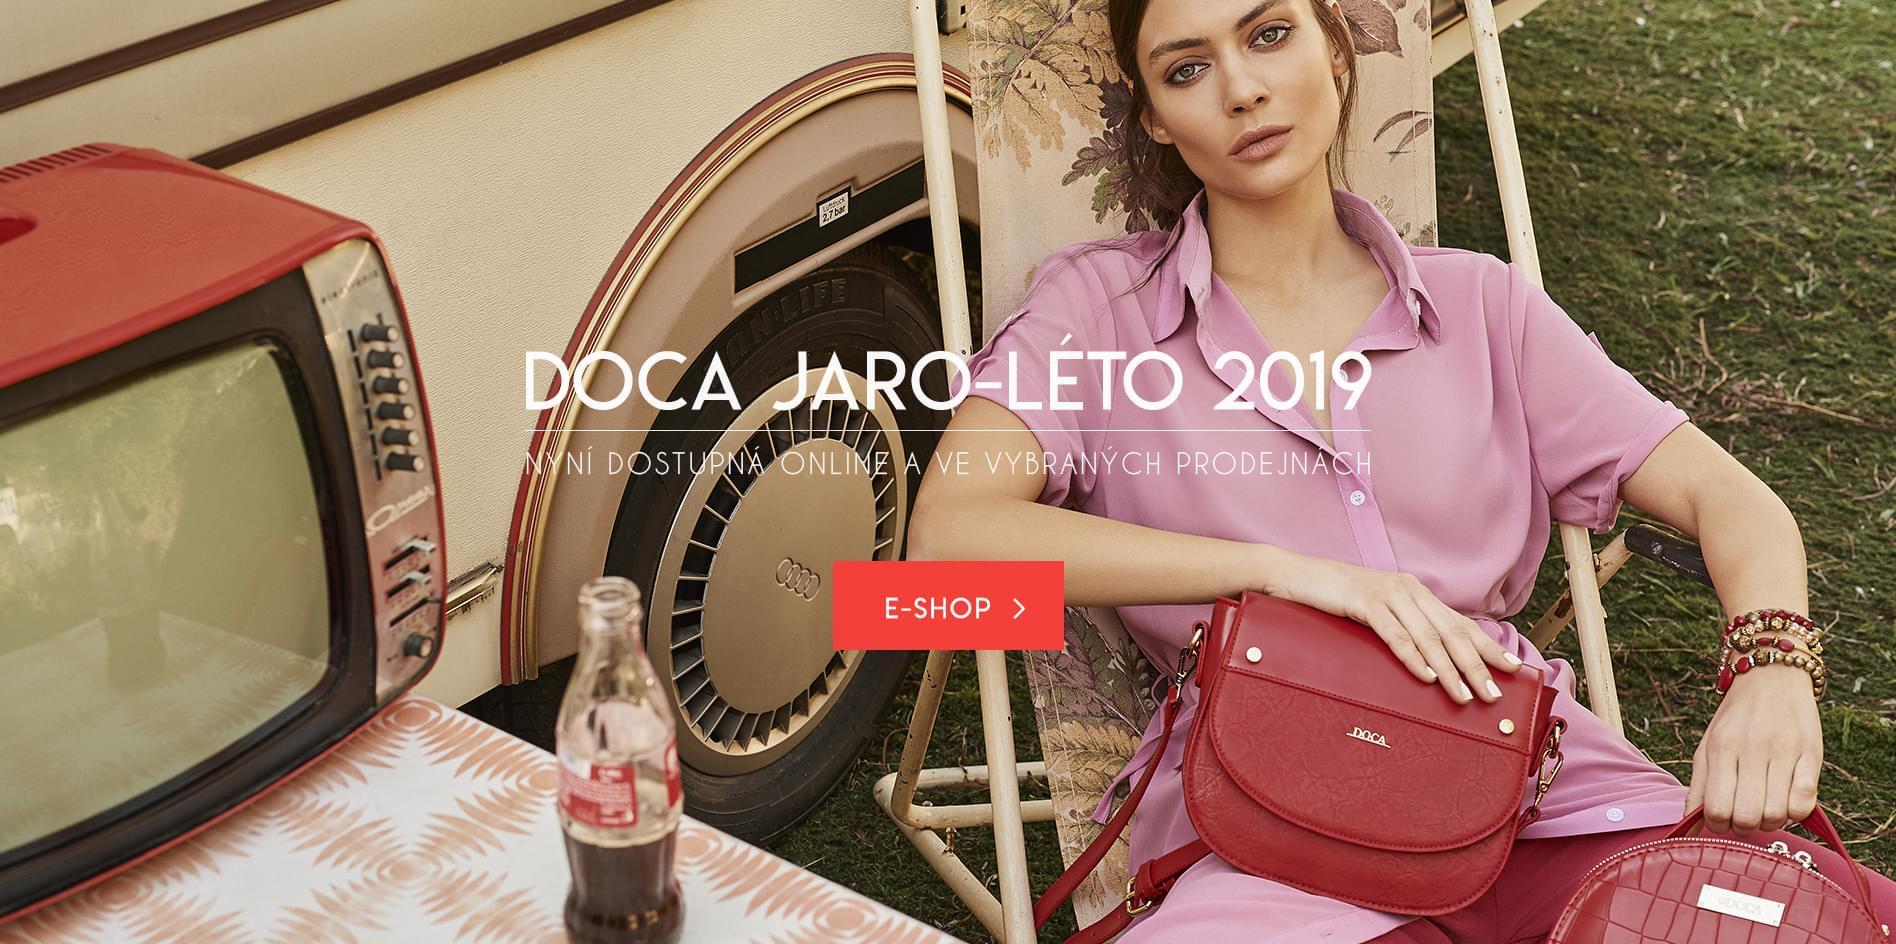 Doca jaro-léto 2019 na Fashionplanet.cz